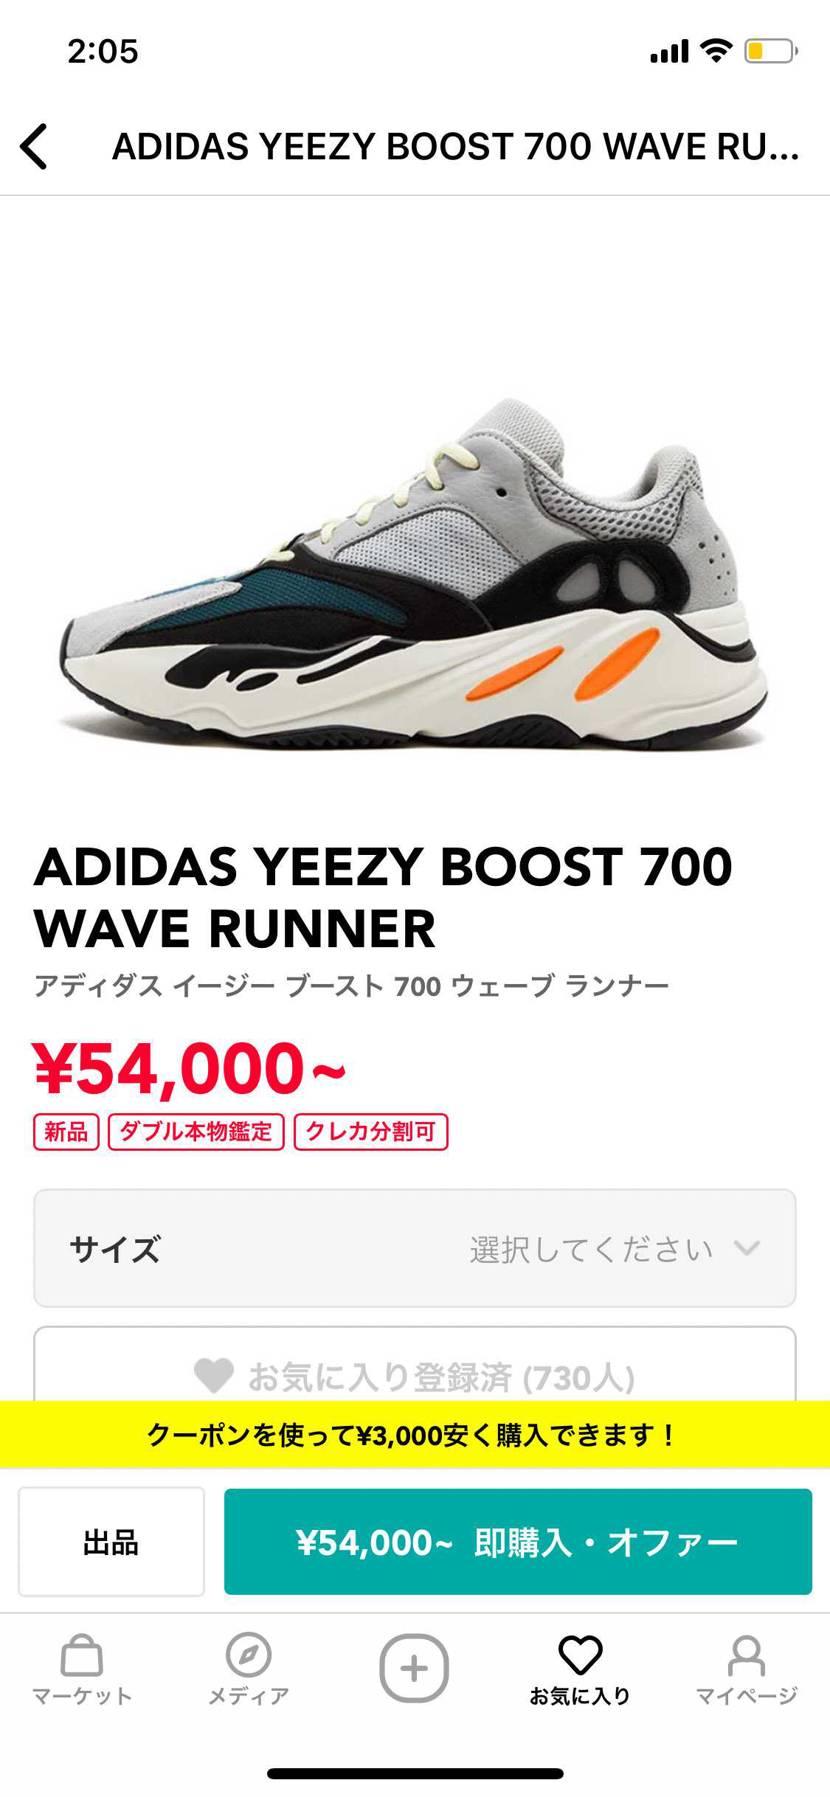 買うならどれが良いですか?